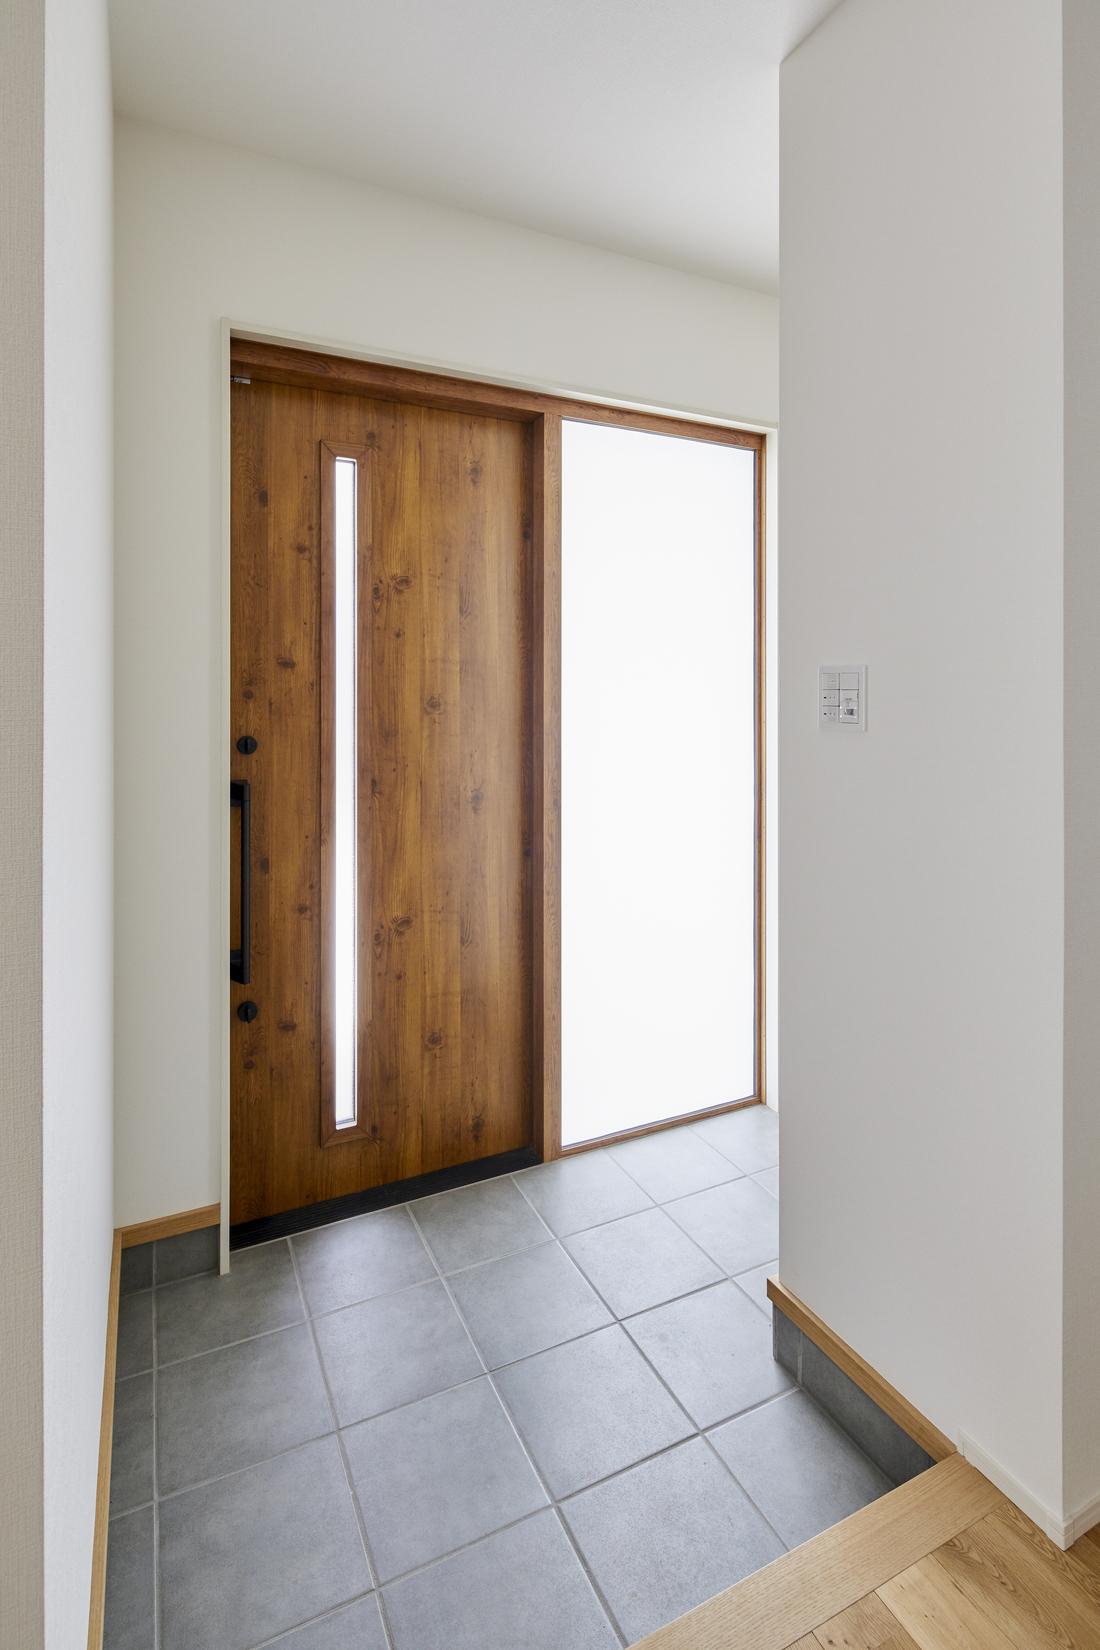 大き目の土間を確保し使い勝手抜群。玄関ドア横から光がふんだんに入り、暗くなりがちな玄関も明るい